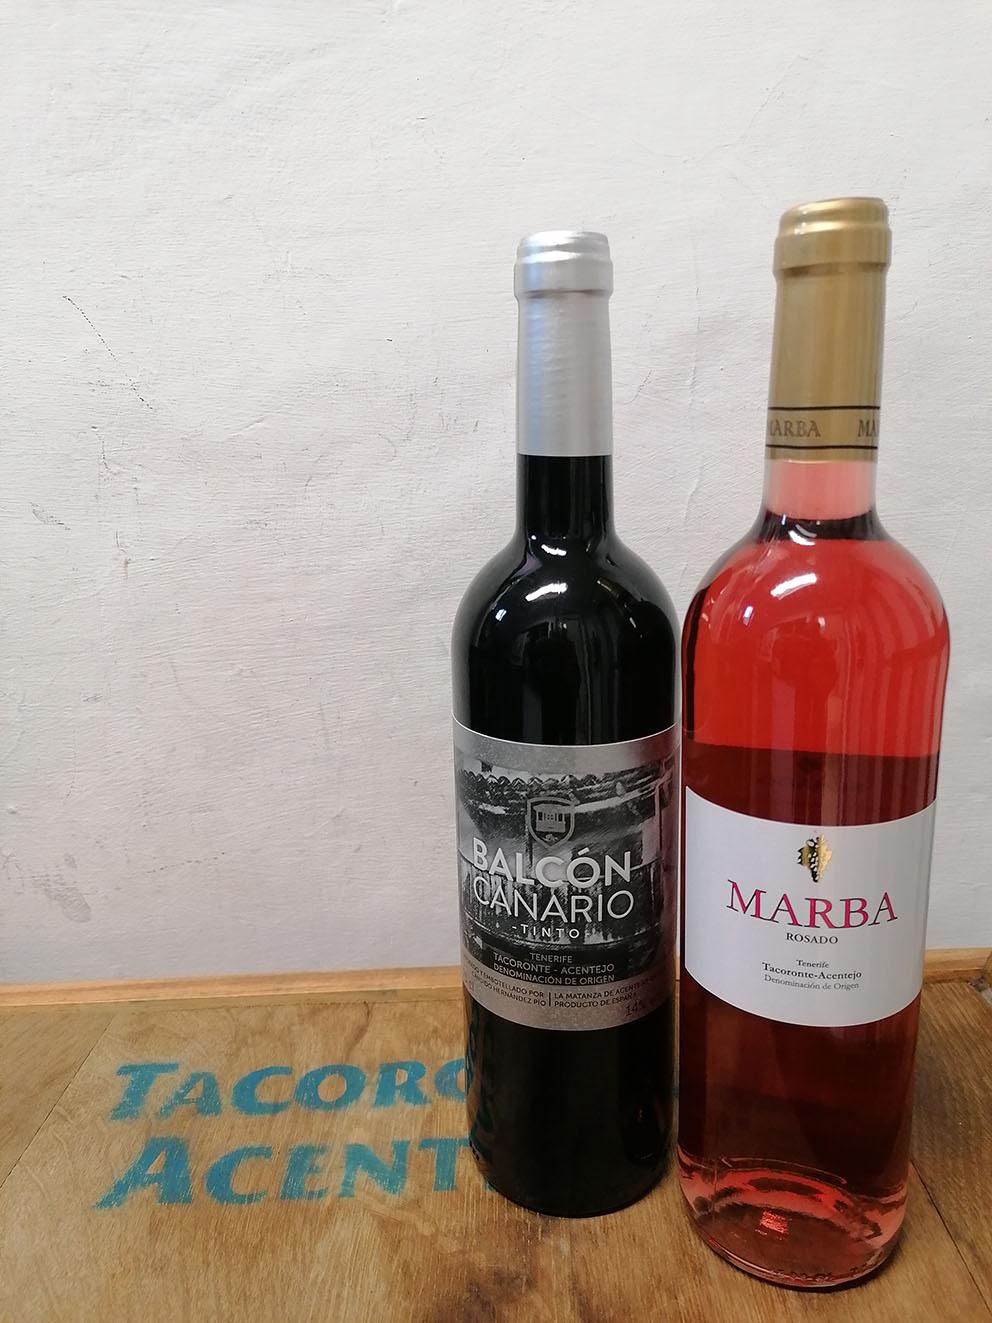 """PREMIOS """"BACO DE ORO"""" PARA BALCÓN CANARIO Y MARBA ROSADO"""